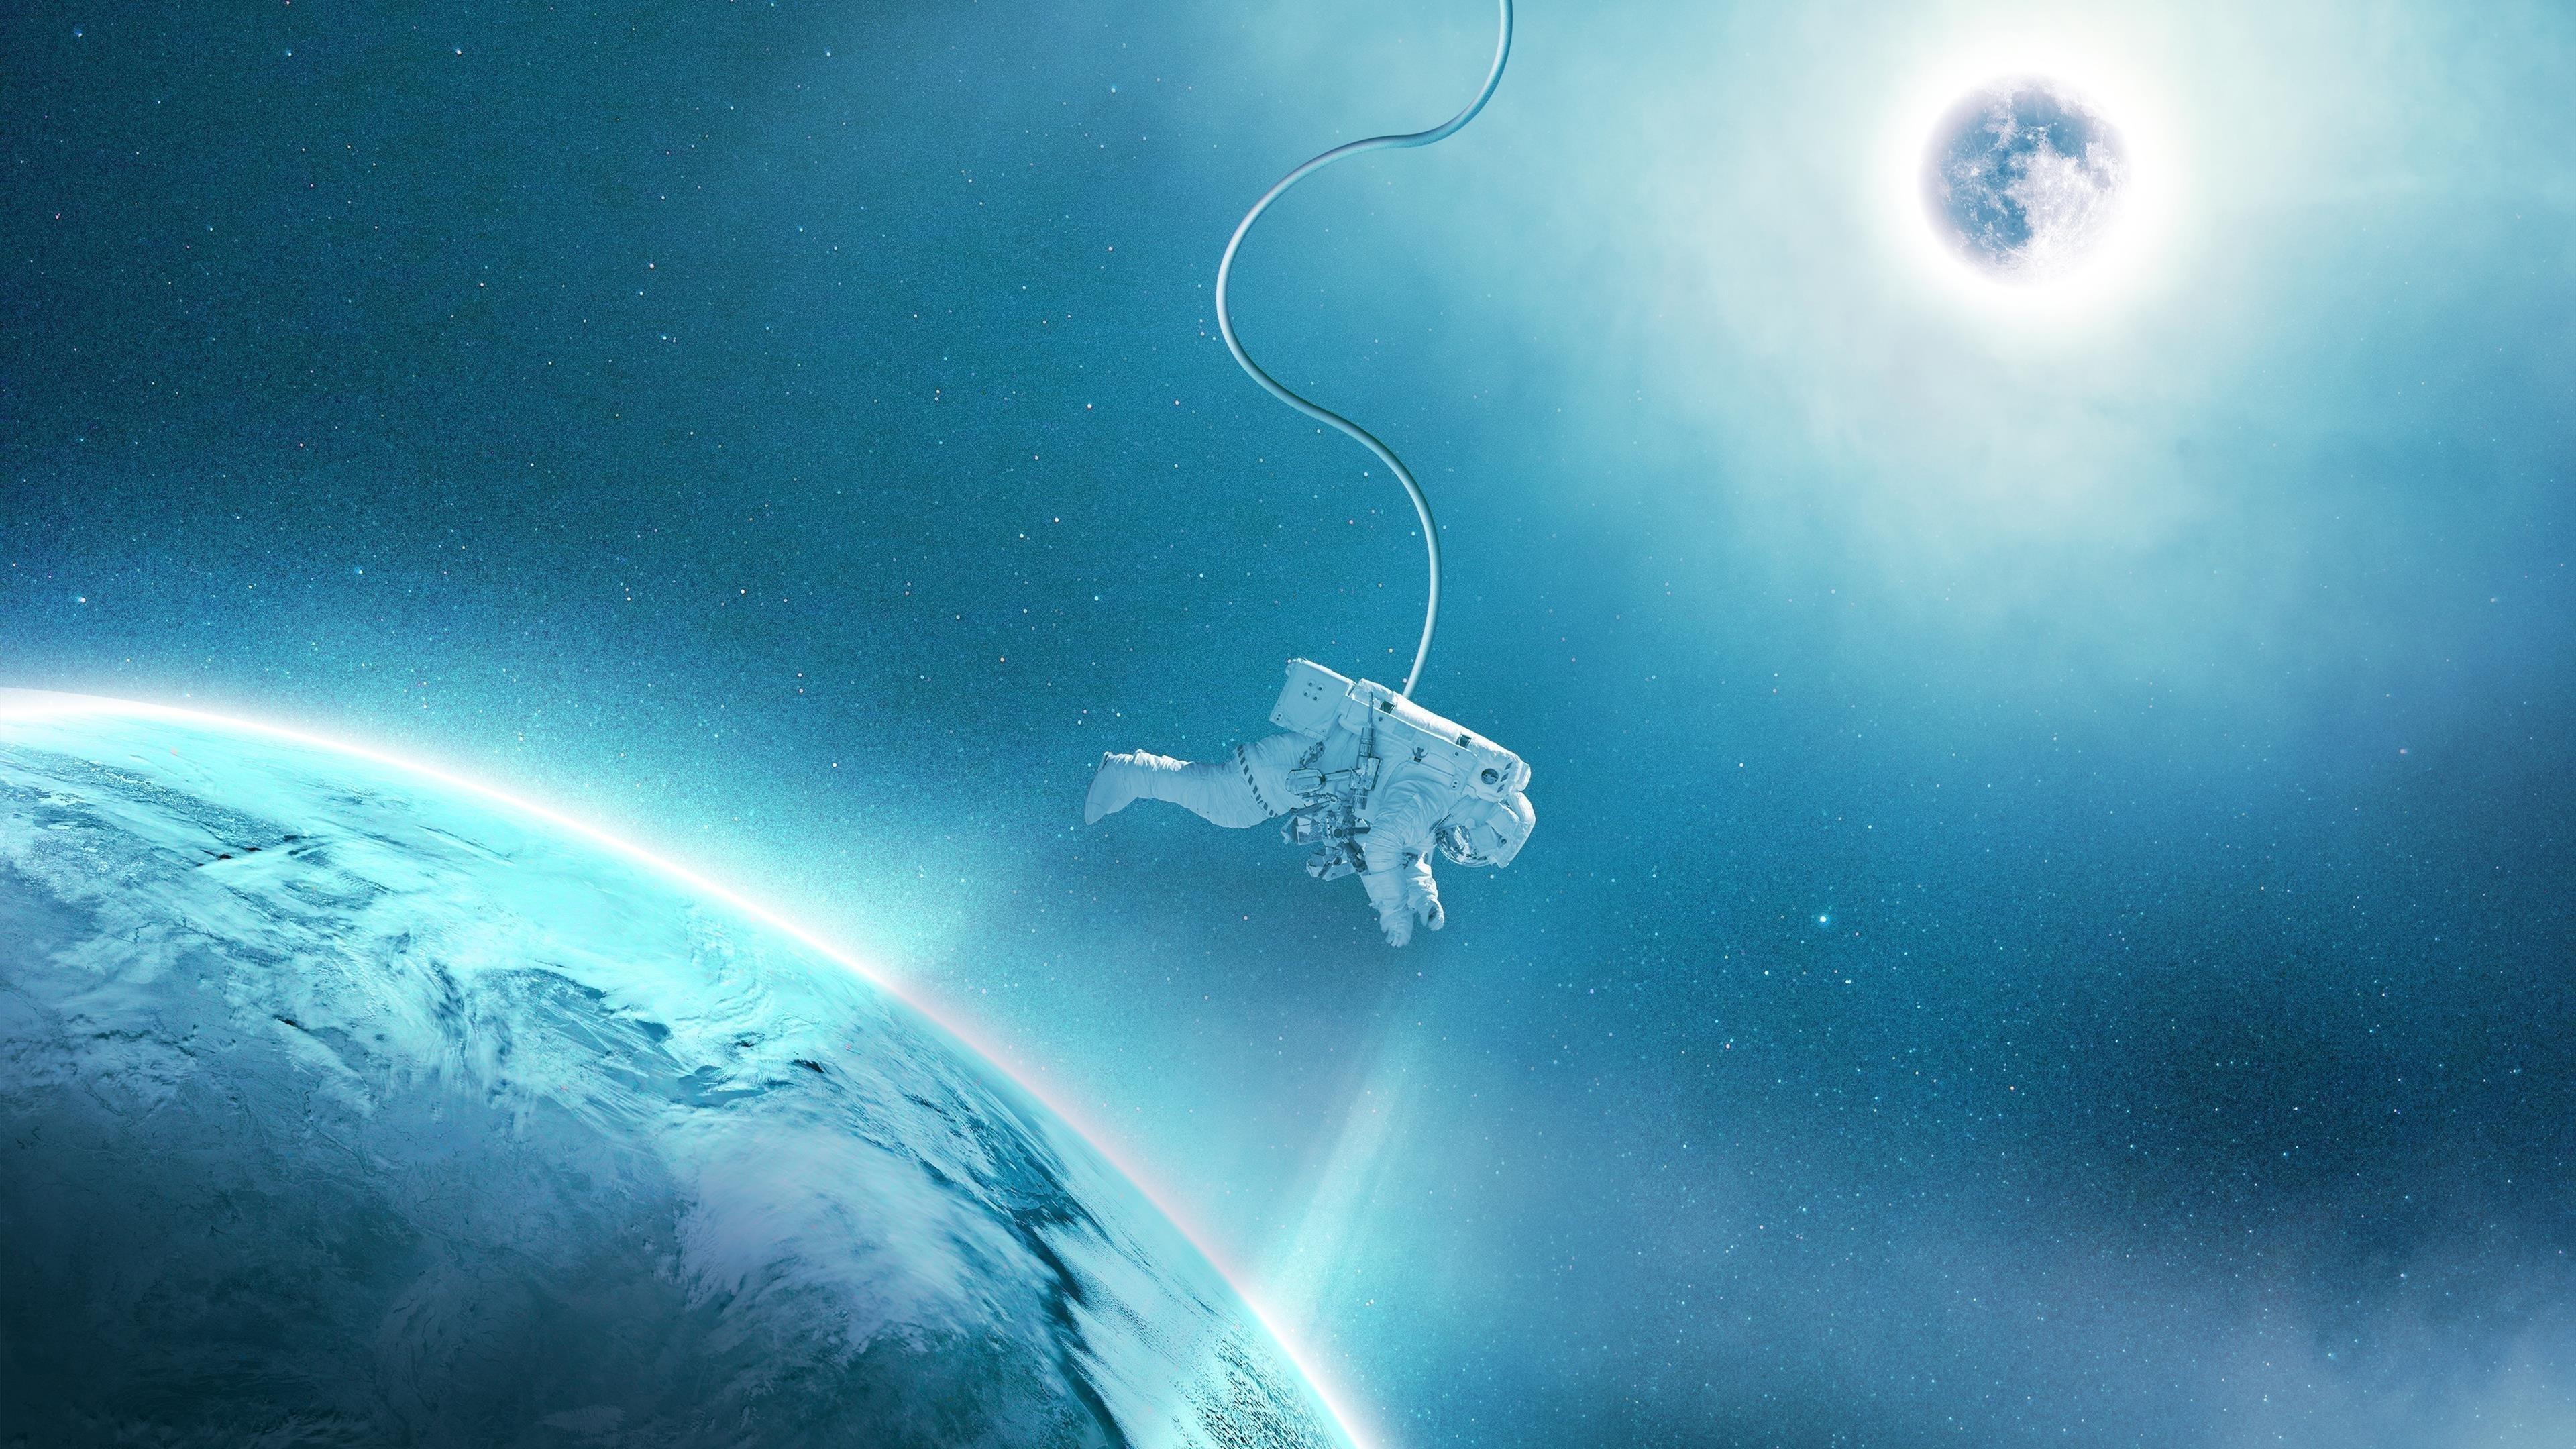 Астронавт в космосе обои скачать